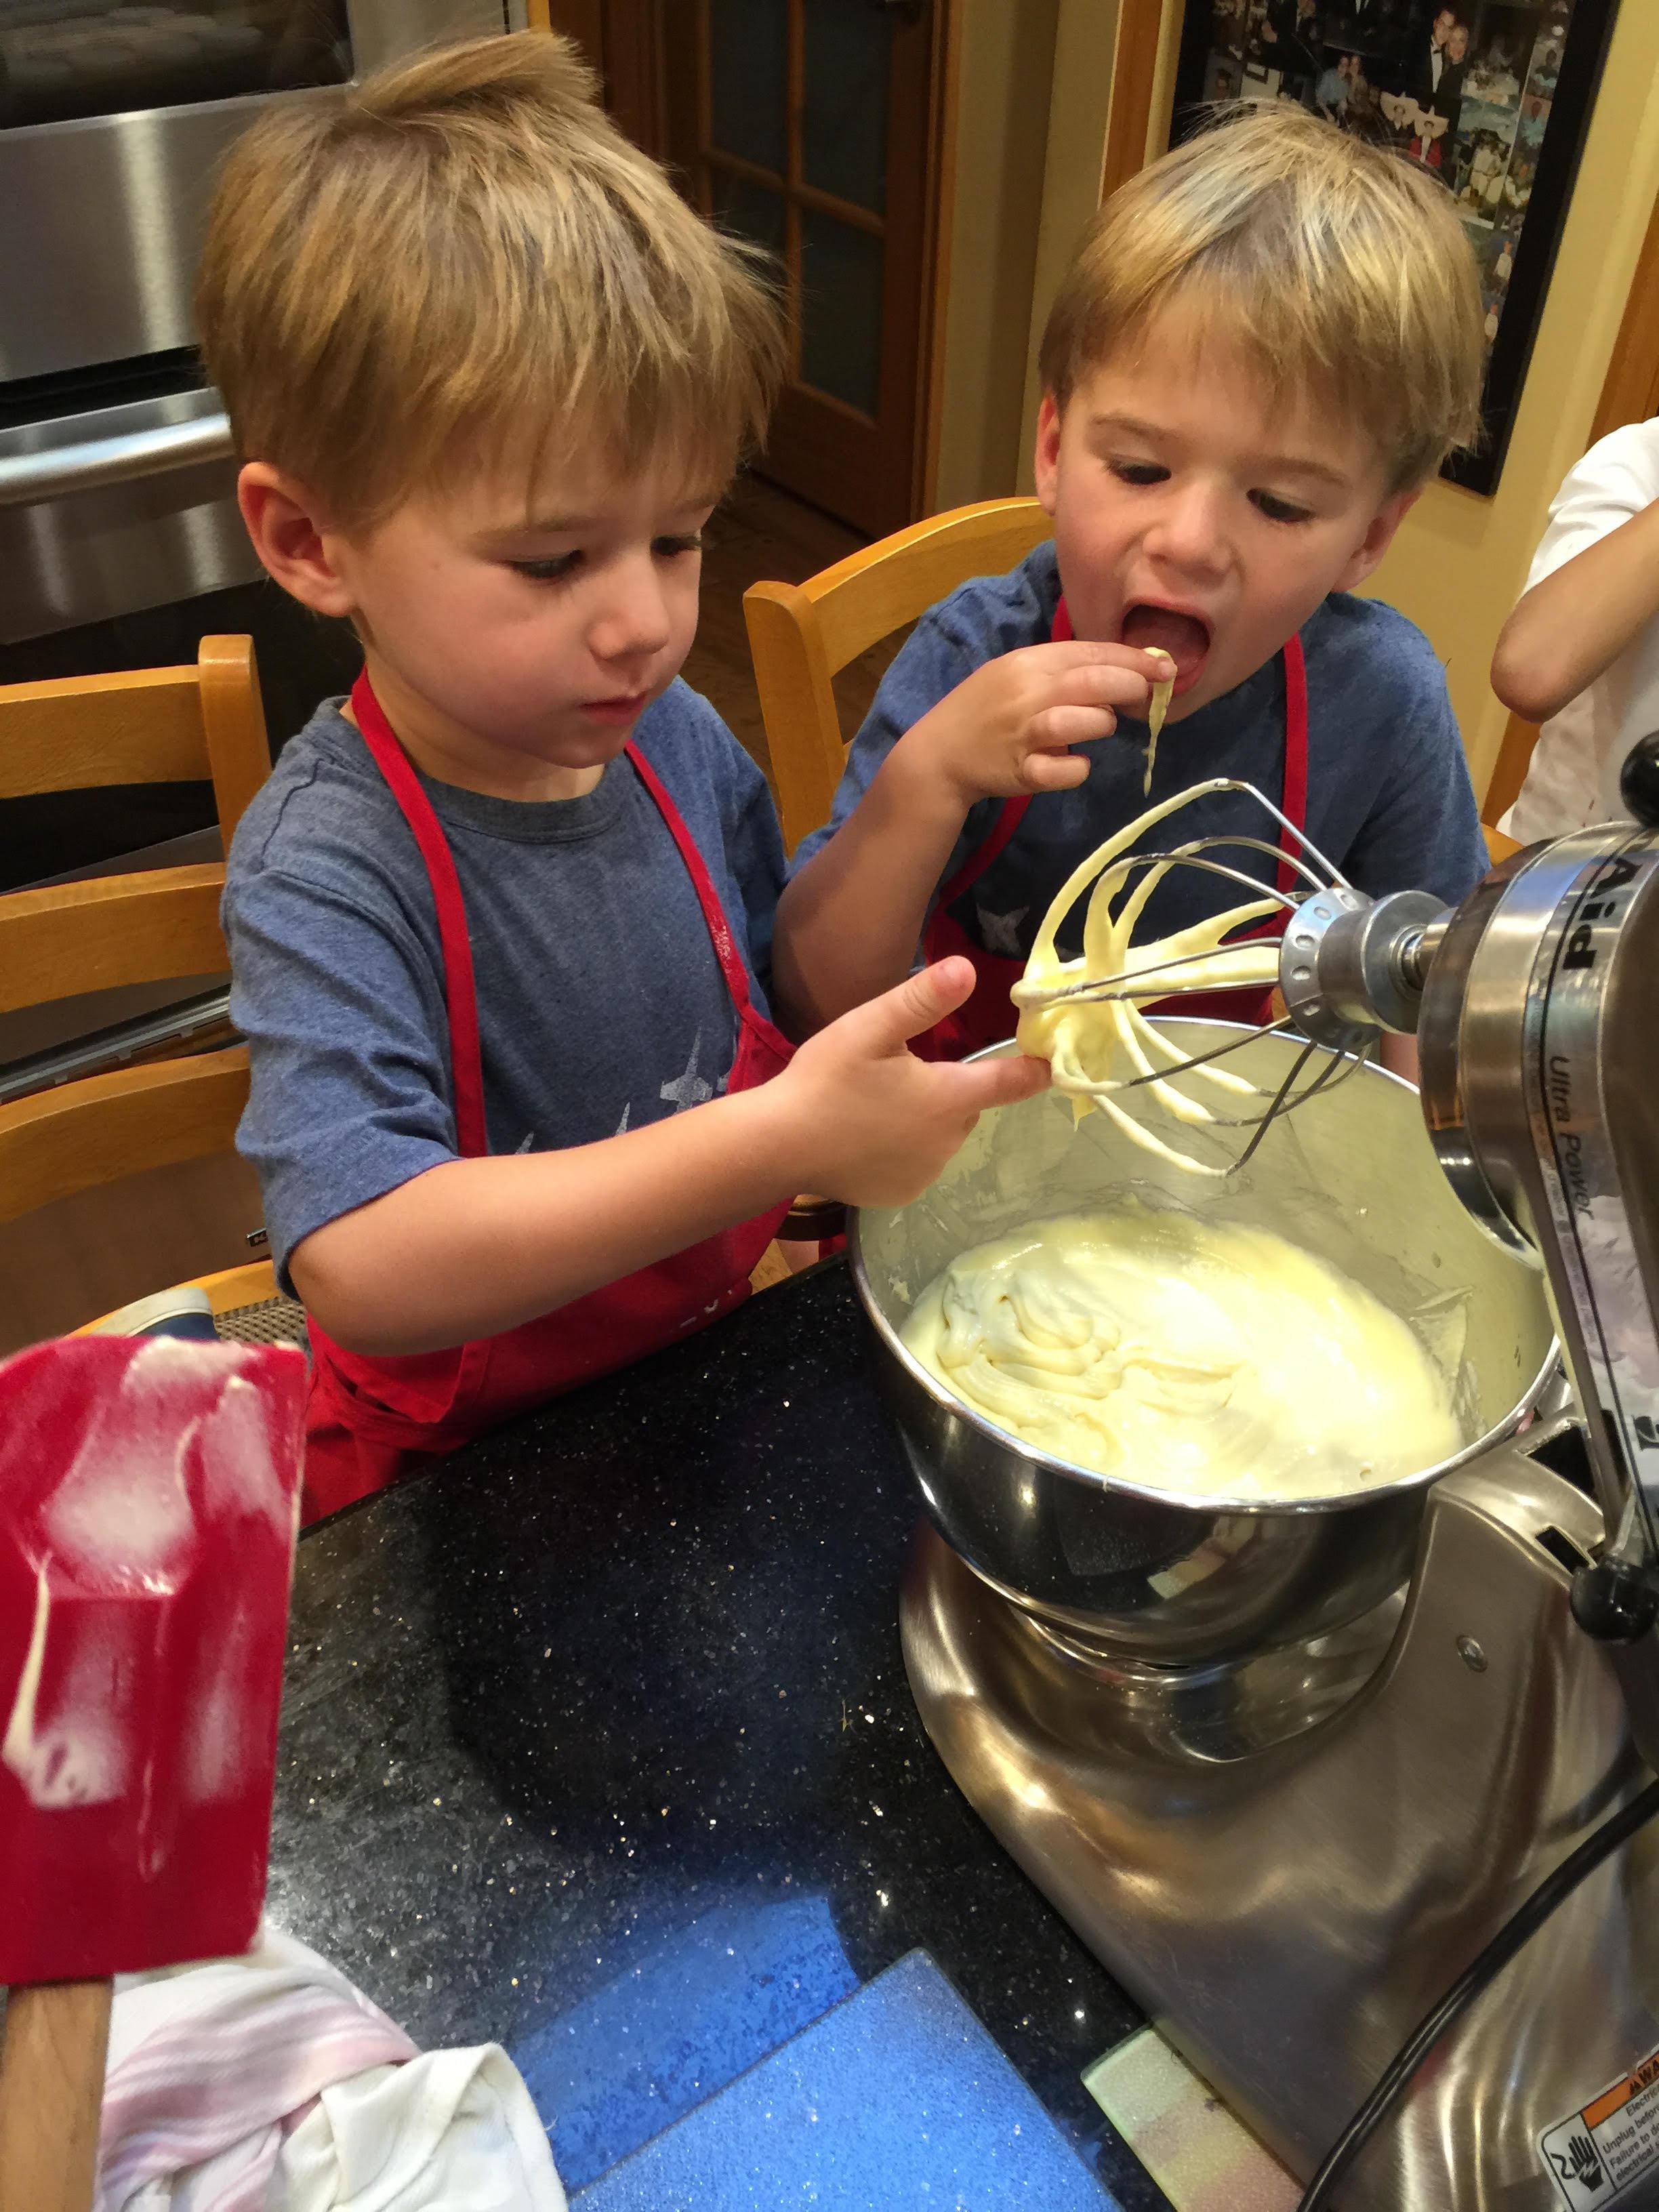 NOah and Gabe tasting cupcake mixture